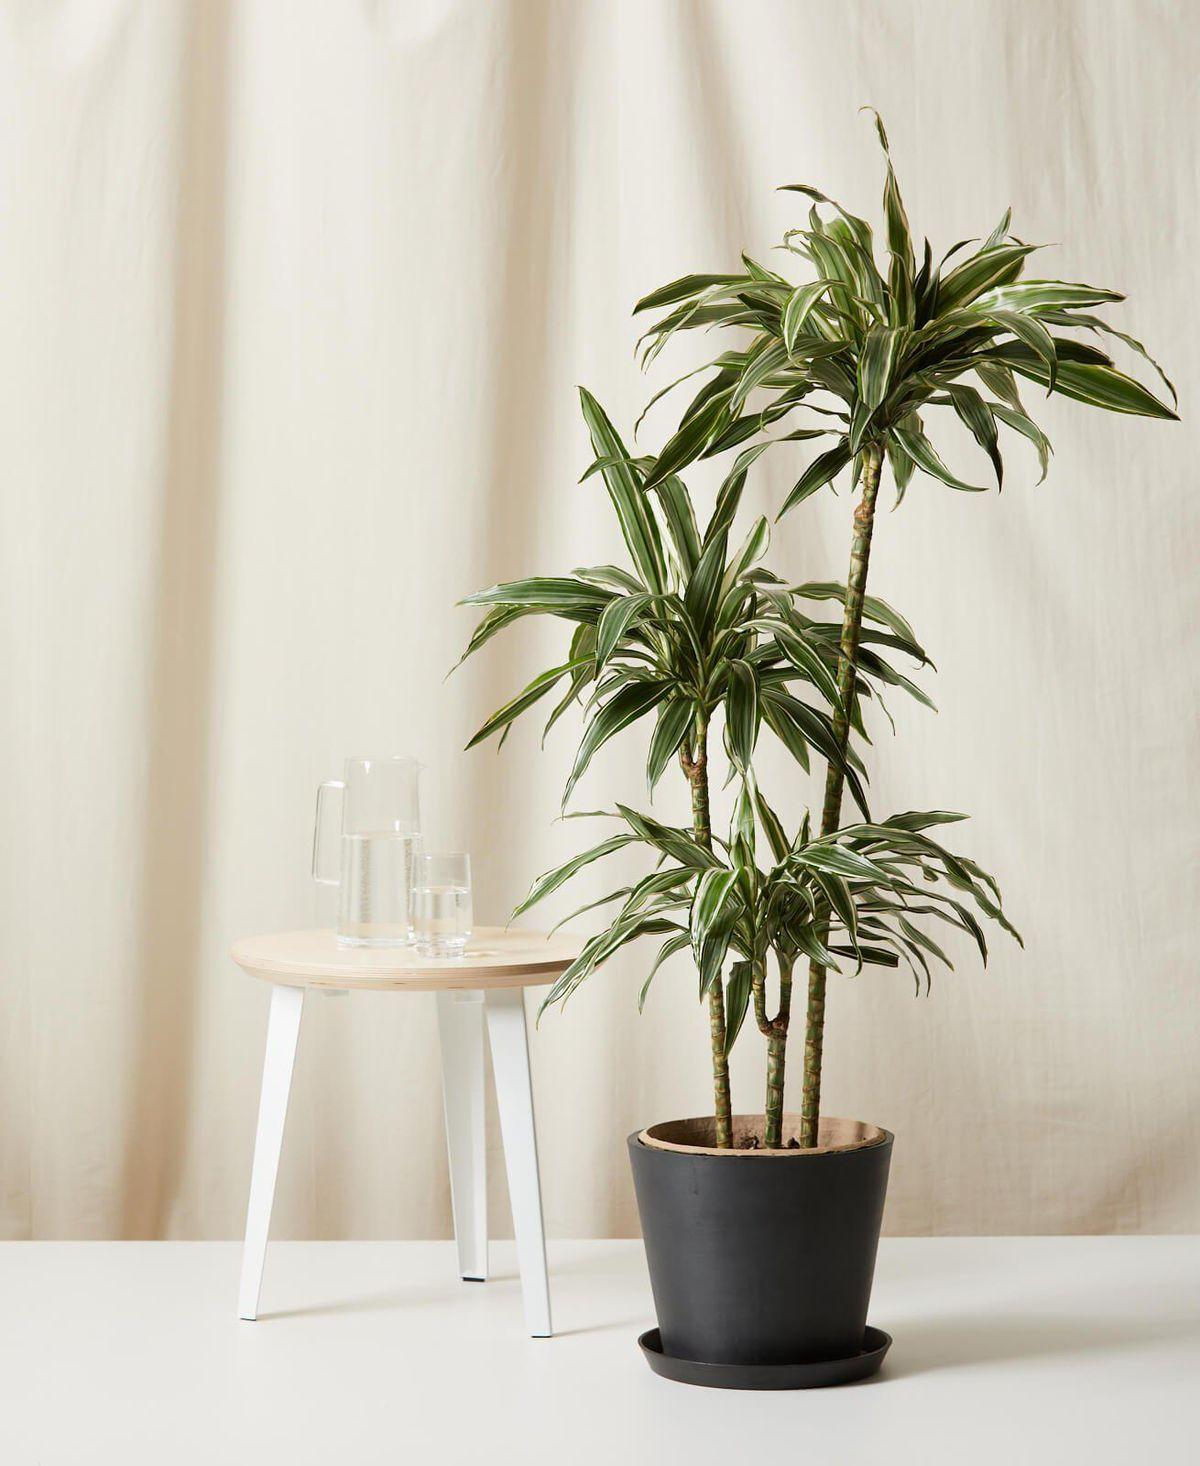 bloomscape dracaena warneckii